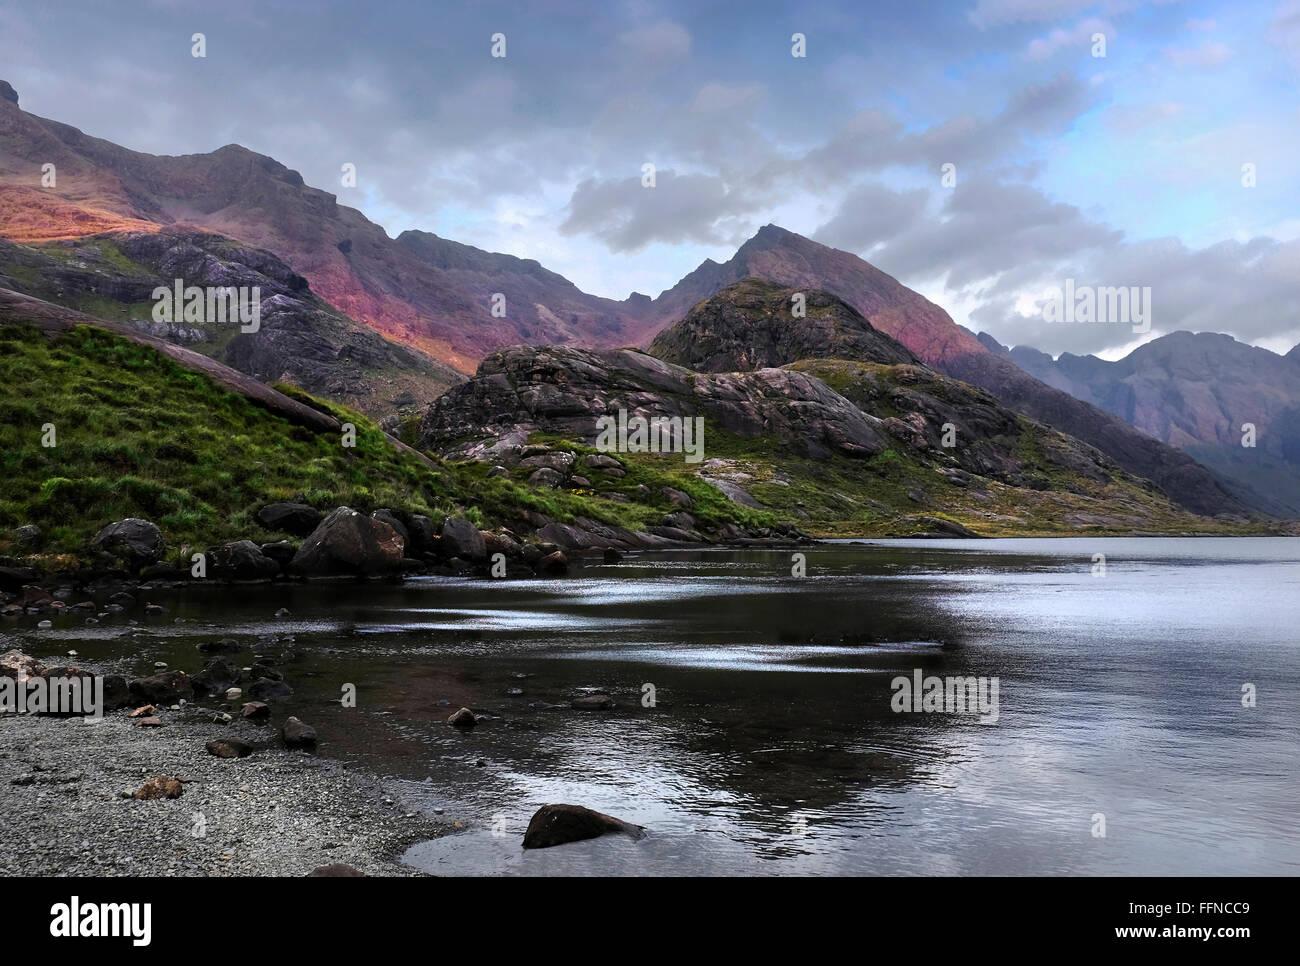 Loch coruisk e montagna in cuillins con riflessioni & skyline frastagliato Immagini Stock